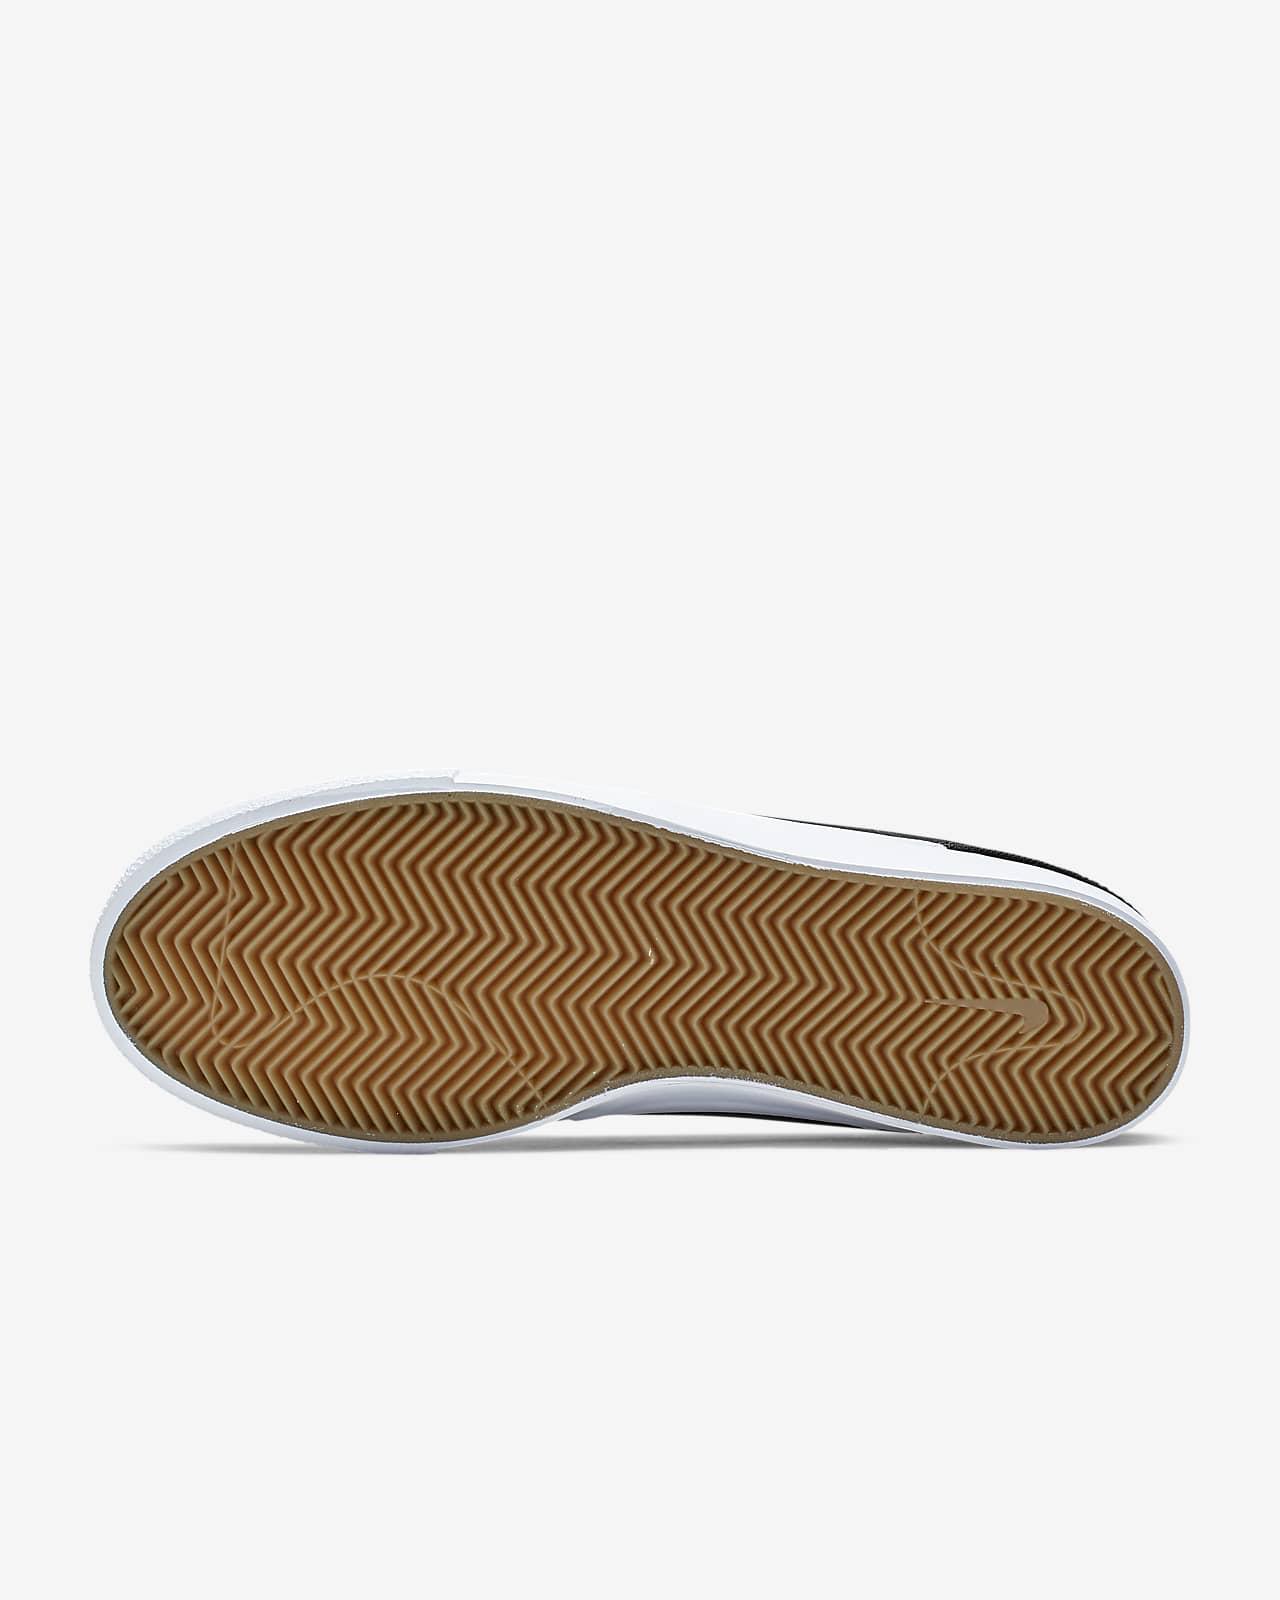 nike zapatos suela marron